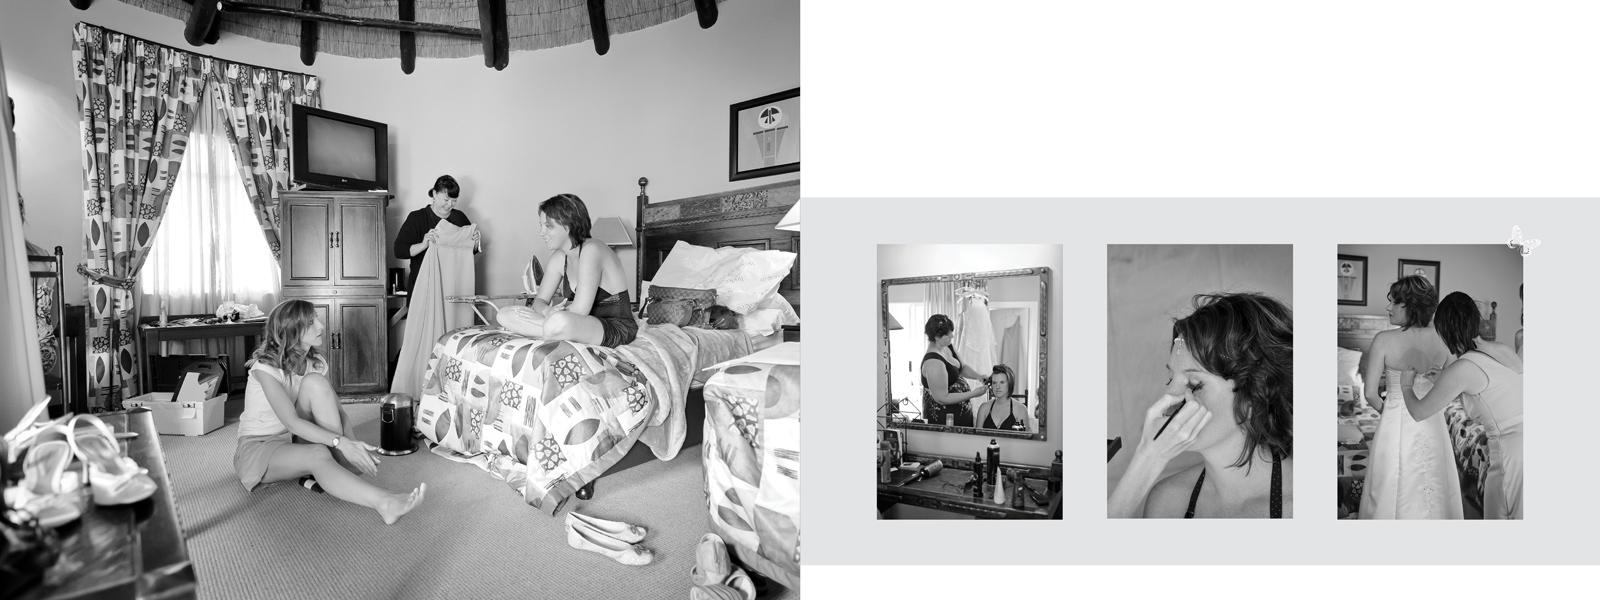 Nathalie Boucry Photography | Charlene and Craig Wedding Album 003